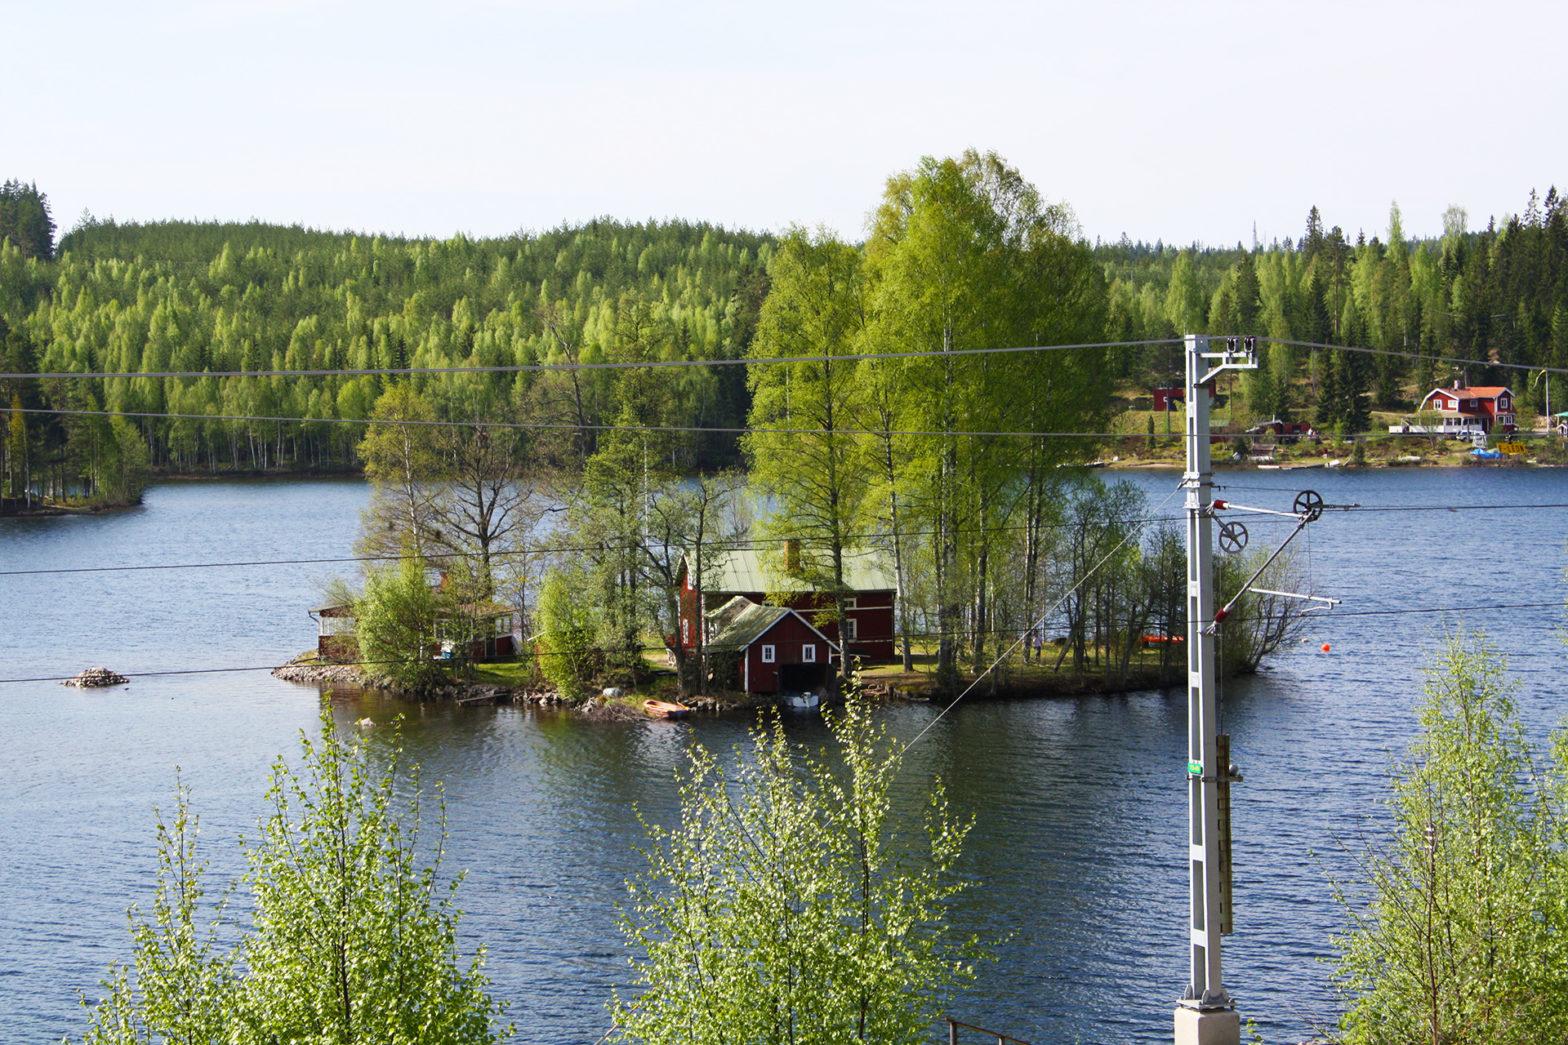 Utsikt över Linön från landsidan med järnvägen i förgrunden.